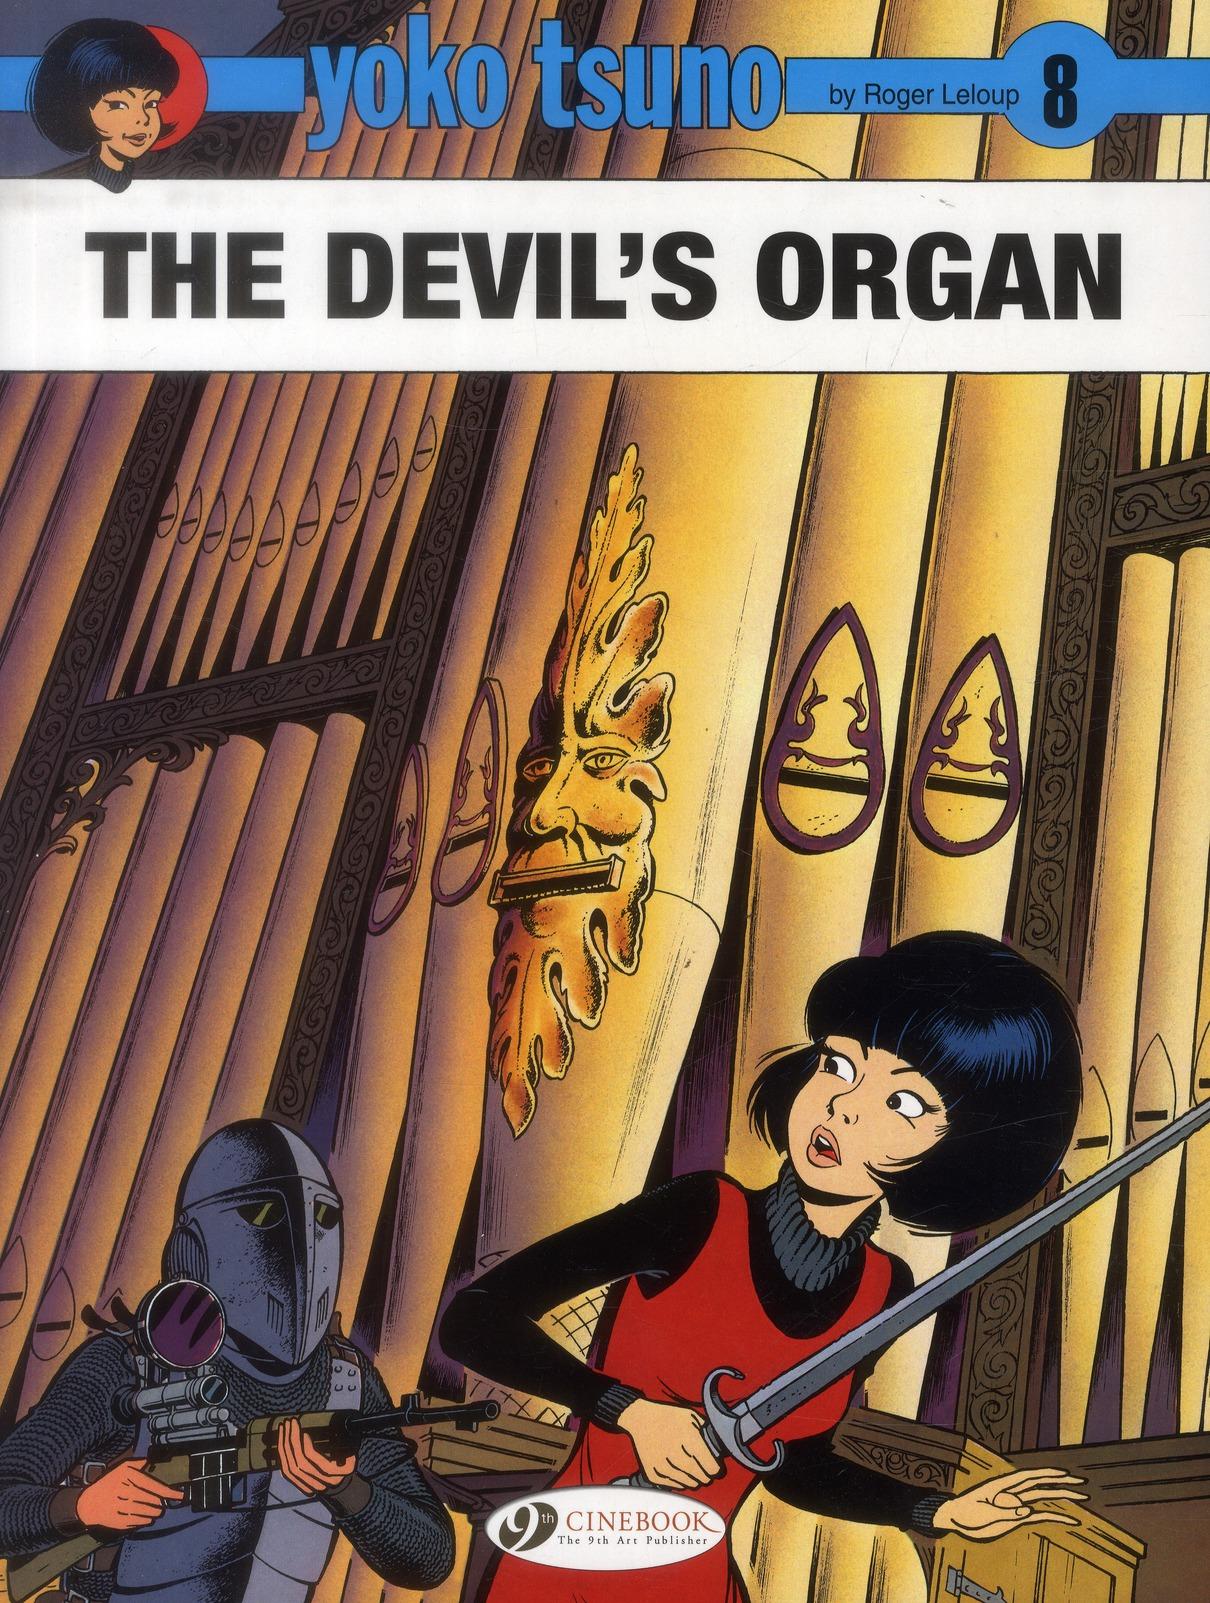 YOKO TSUNO - TOME 8 THE DEVIL'S ORGAN - 08